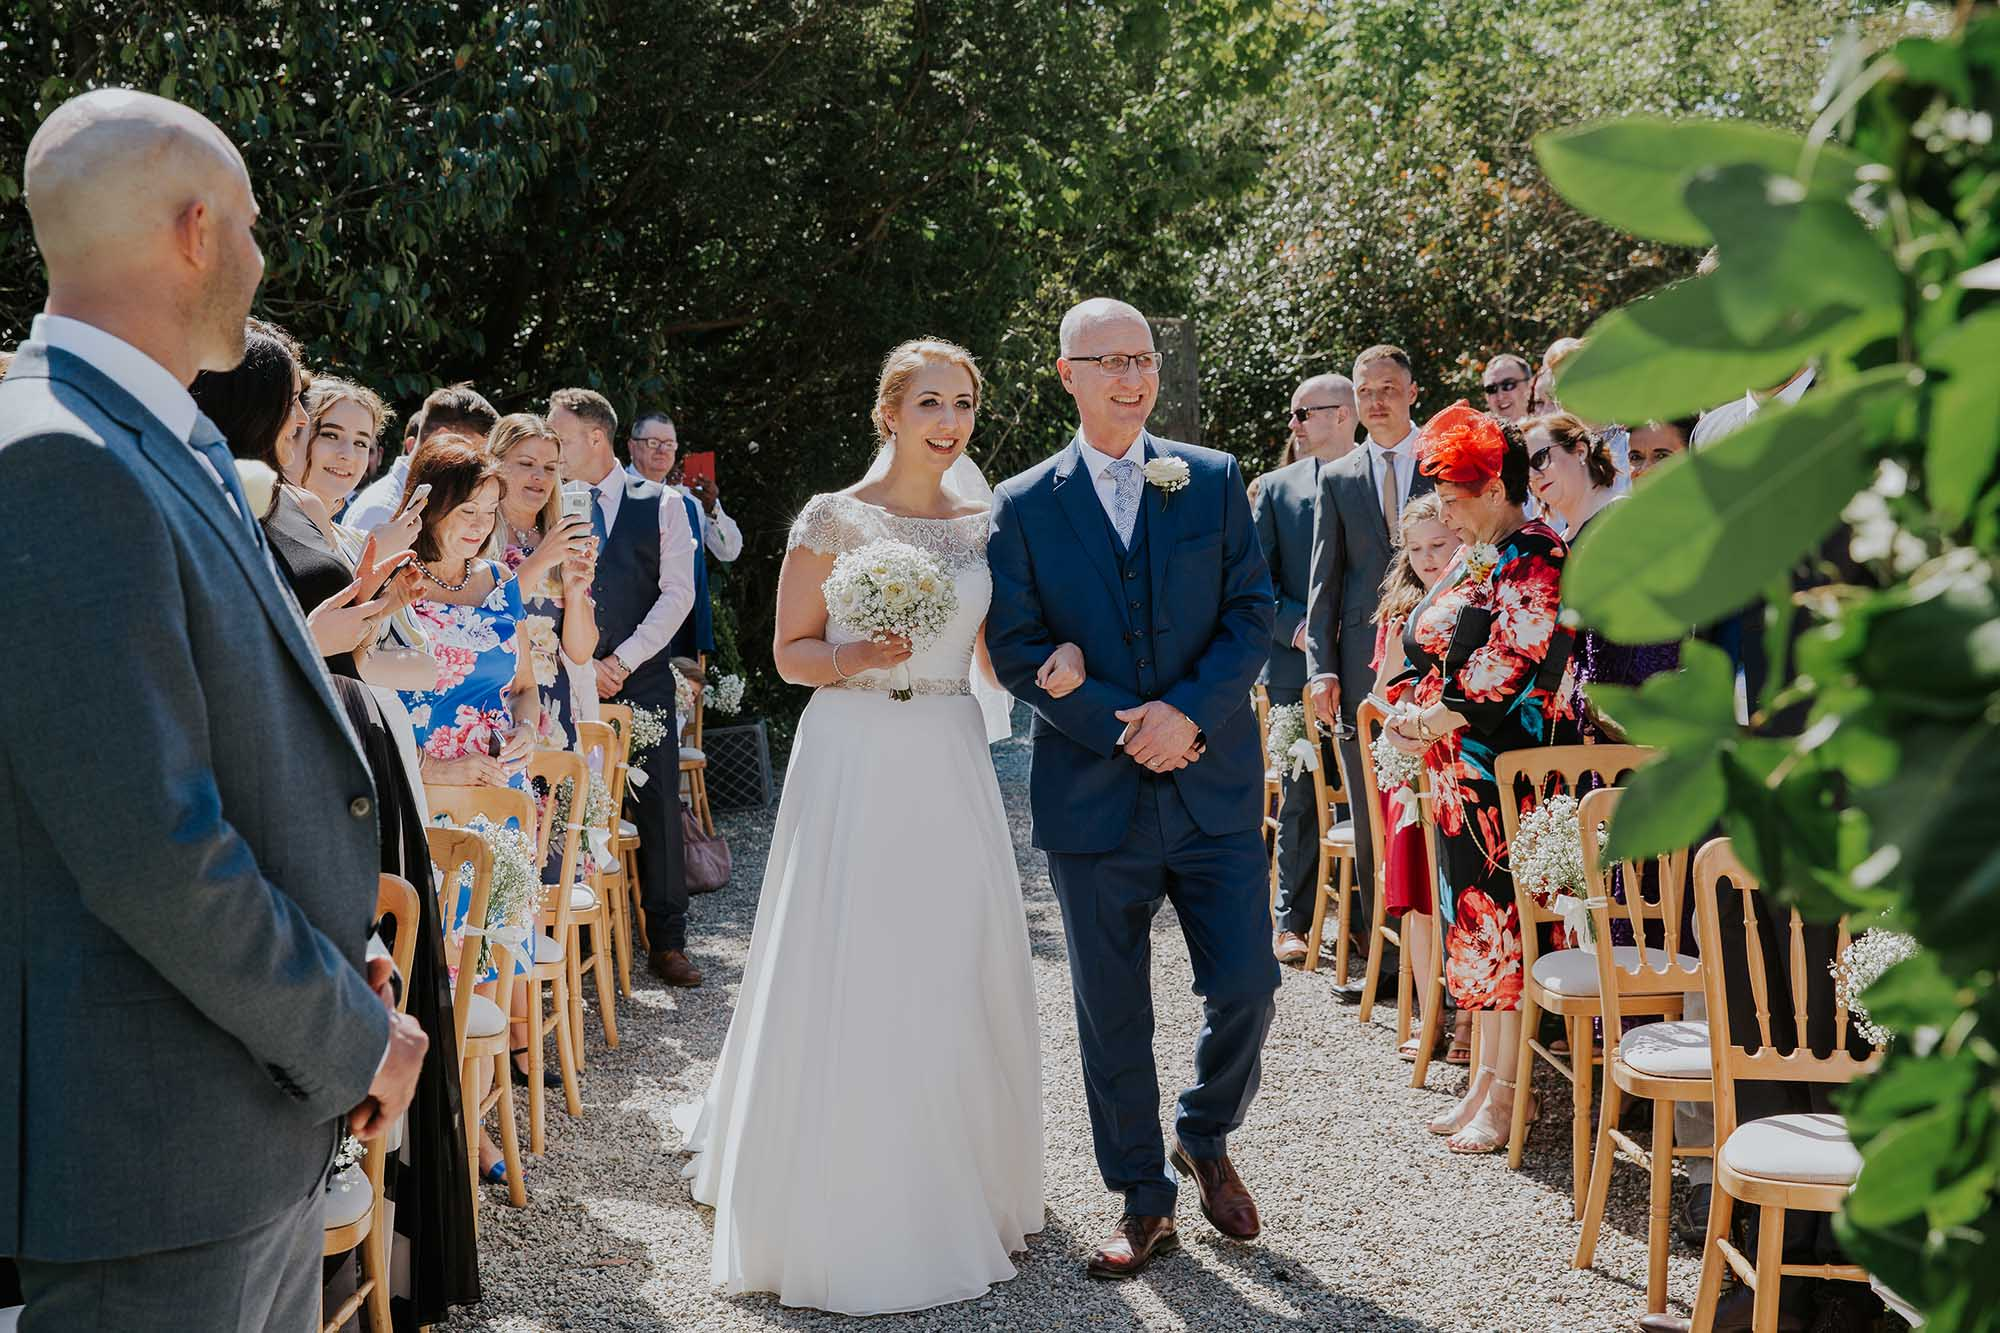 tros yr afon wedding ceremony